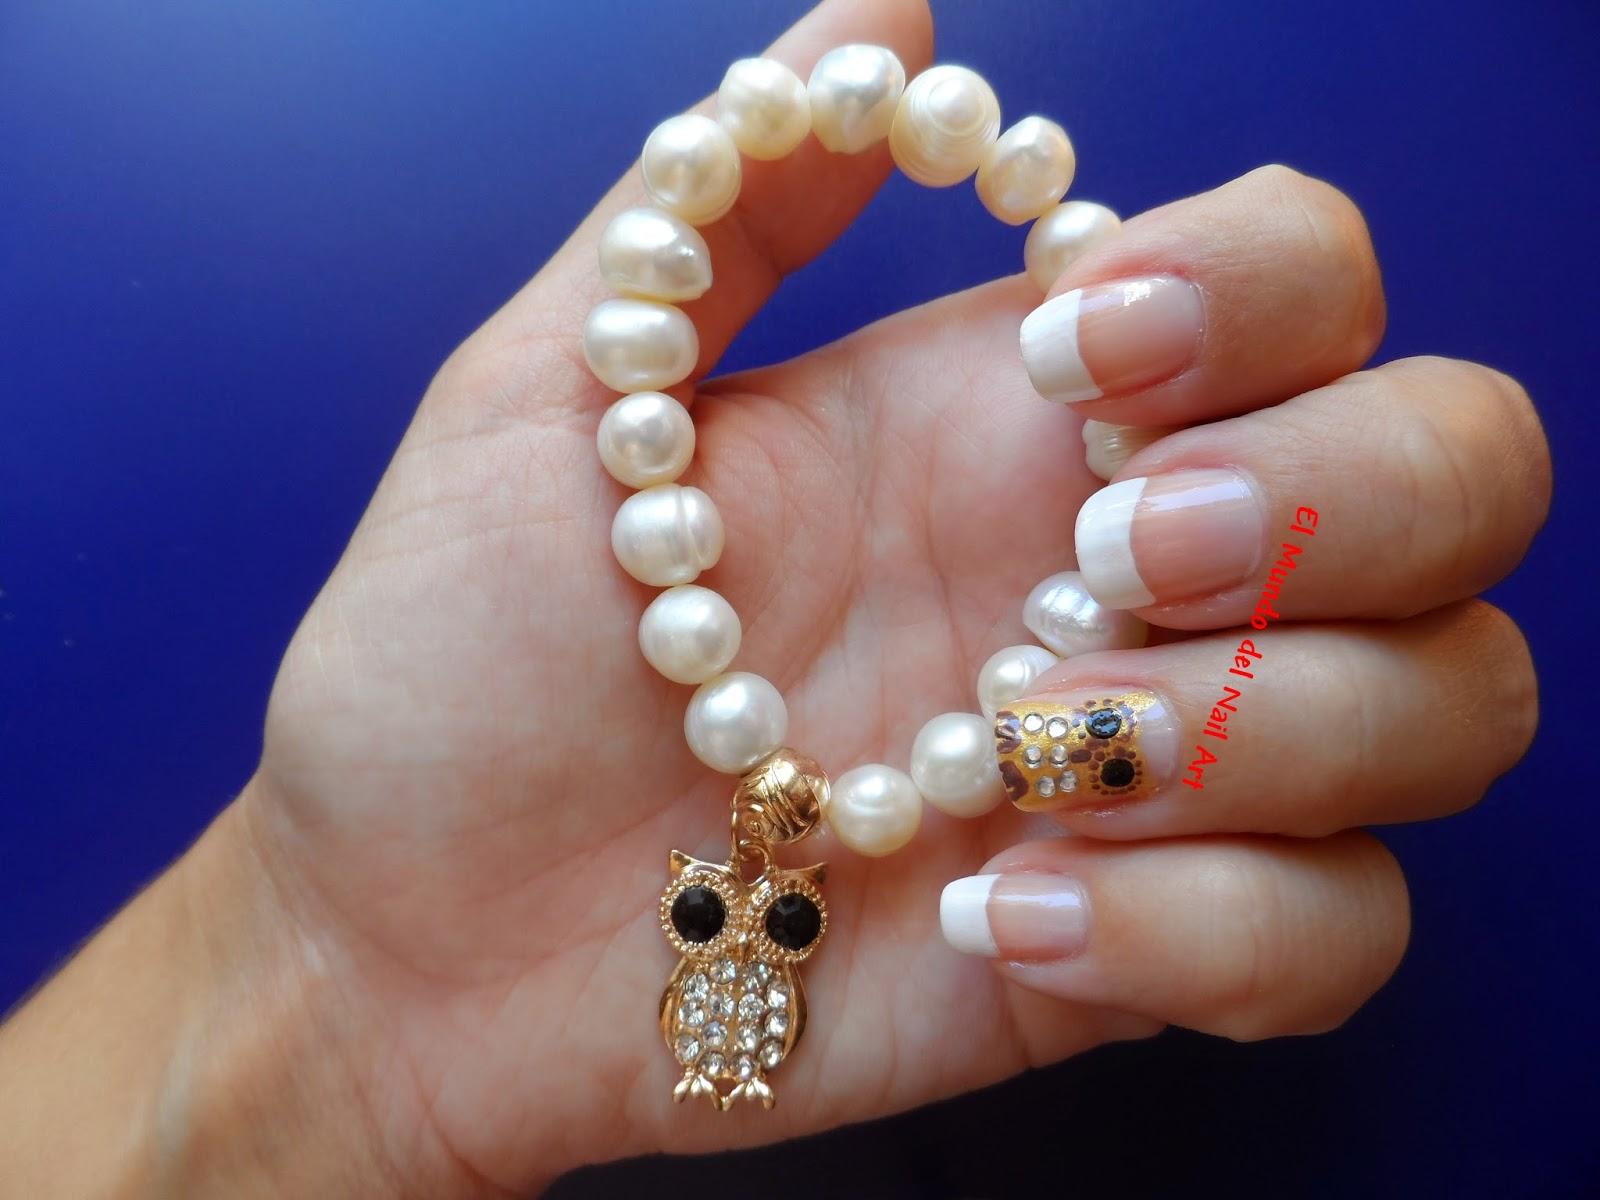 Esta pulsera con perlas cultivadas y decorada con un búho dorado tiene un precio de 4,80\u20ac y podeis verla en la web aqui. Me tardó solo una semana en llegar